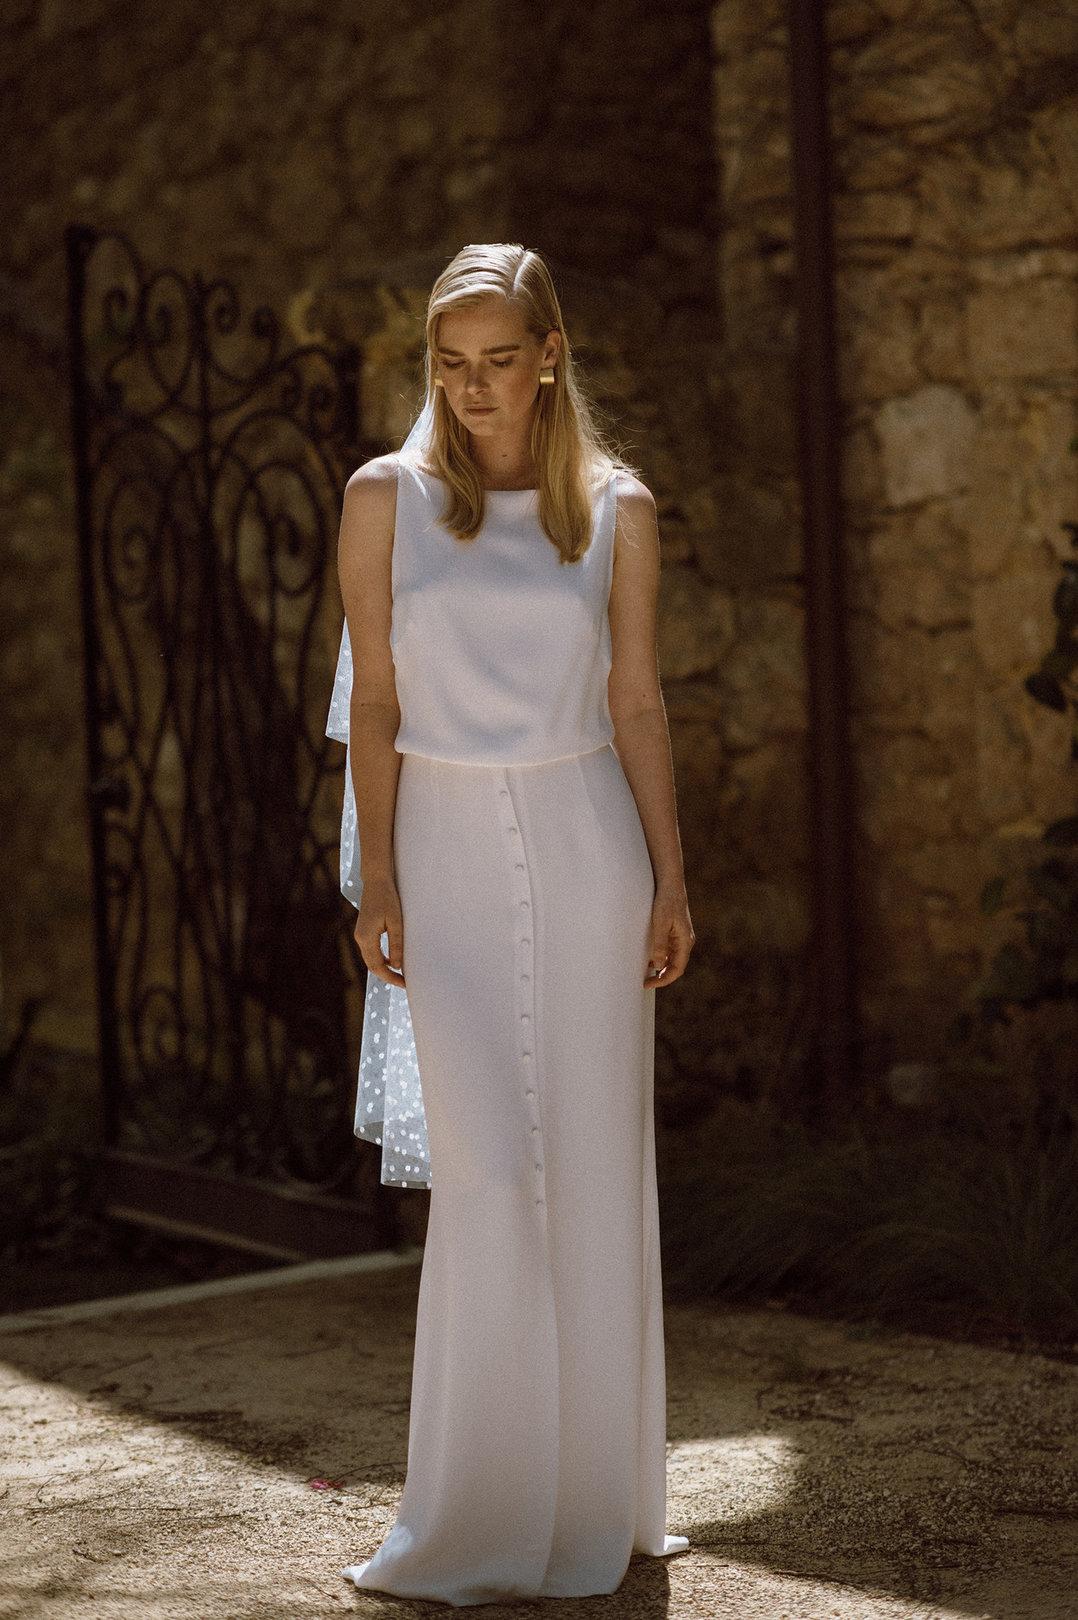 augustine dress dress photo